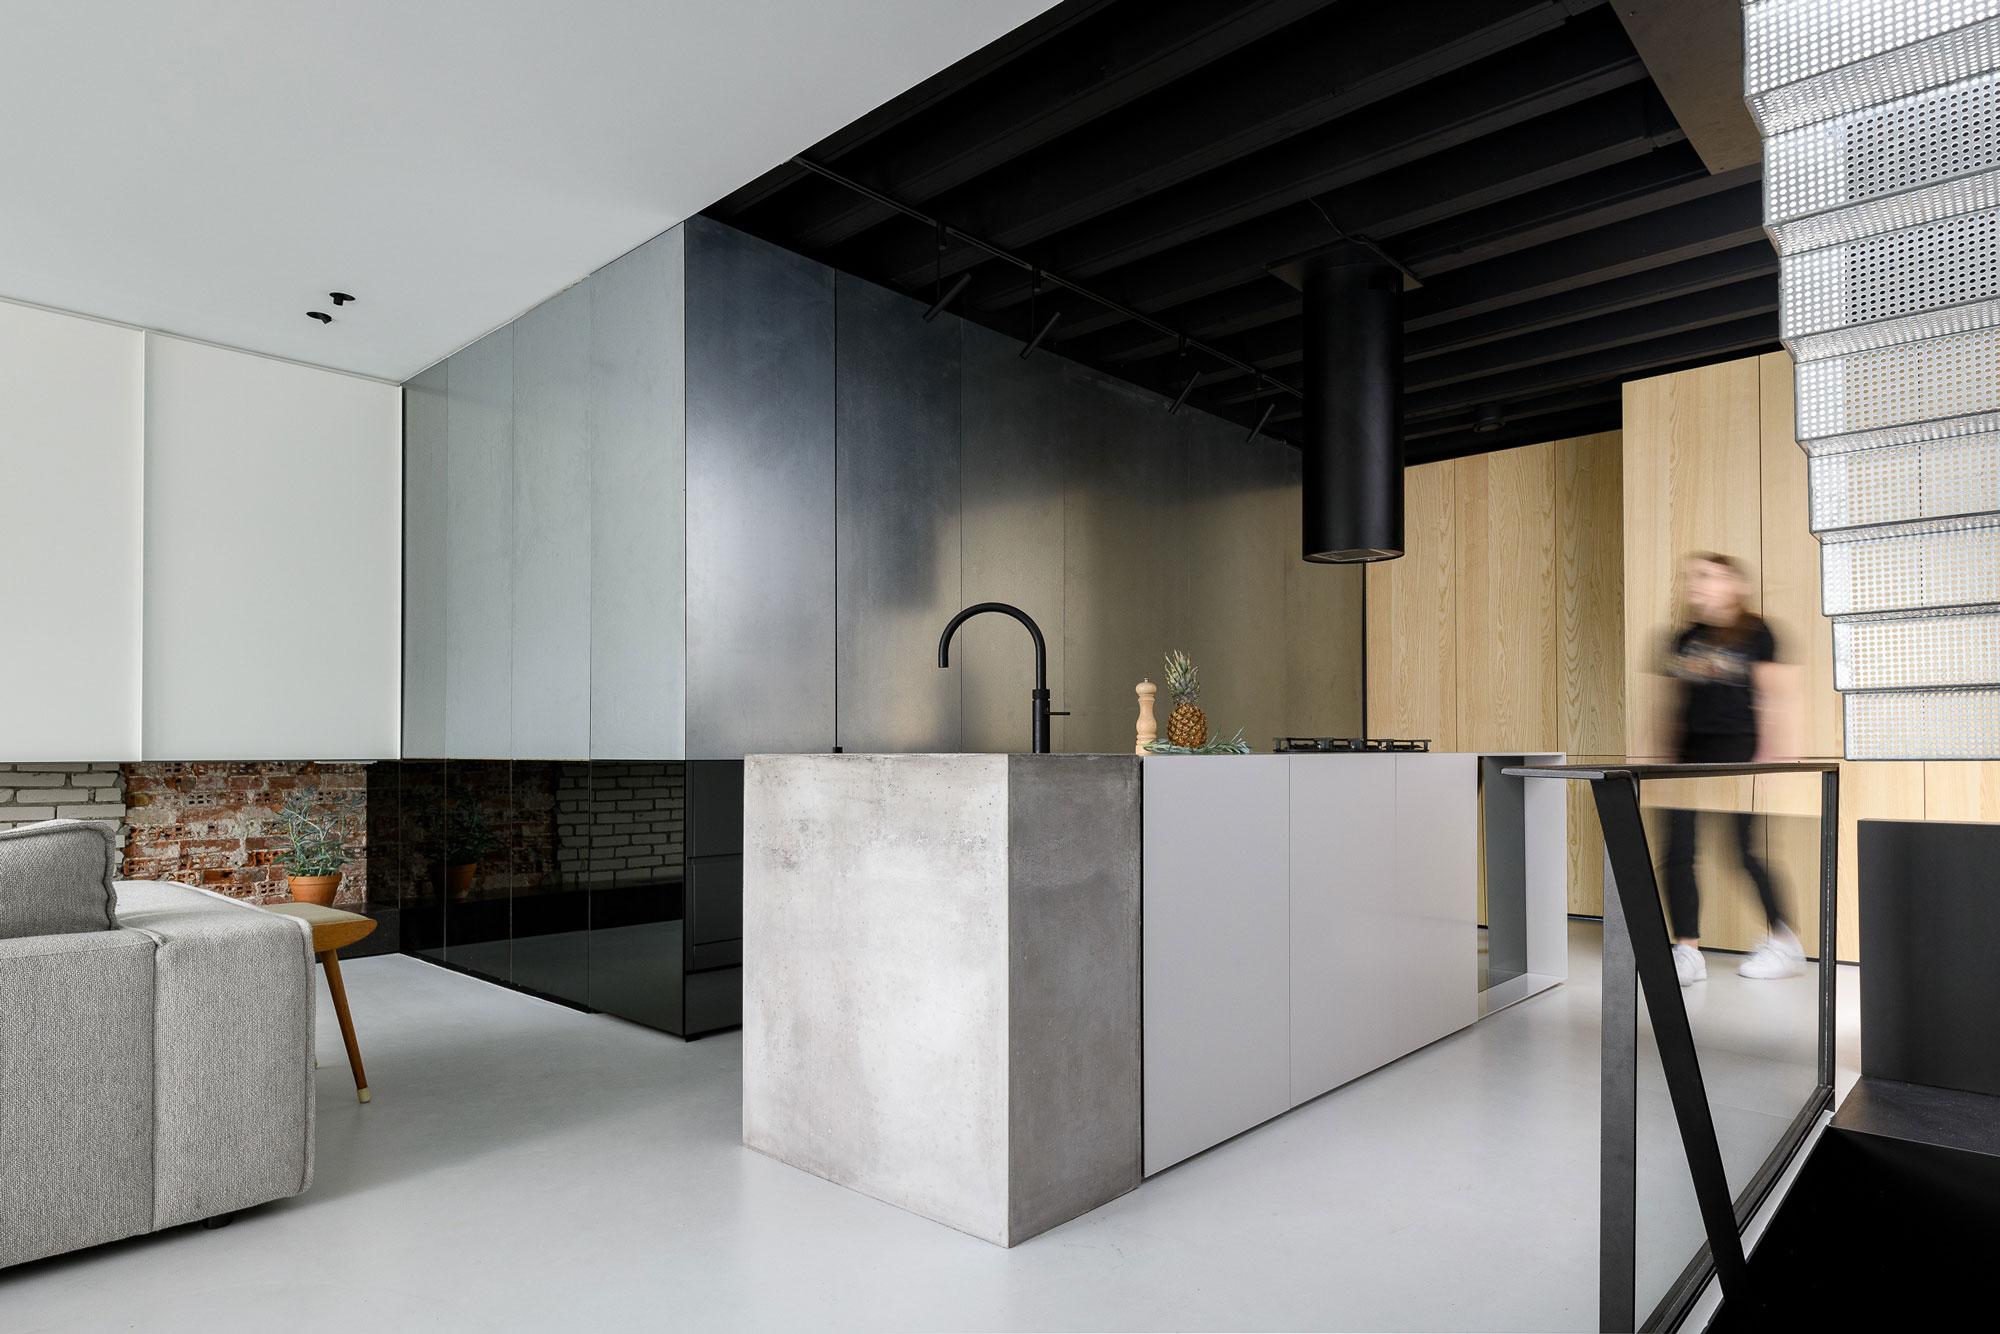 Loft-Ausbau von Firm architects in Amsterdam